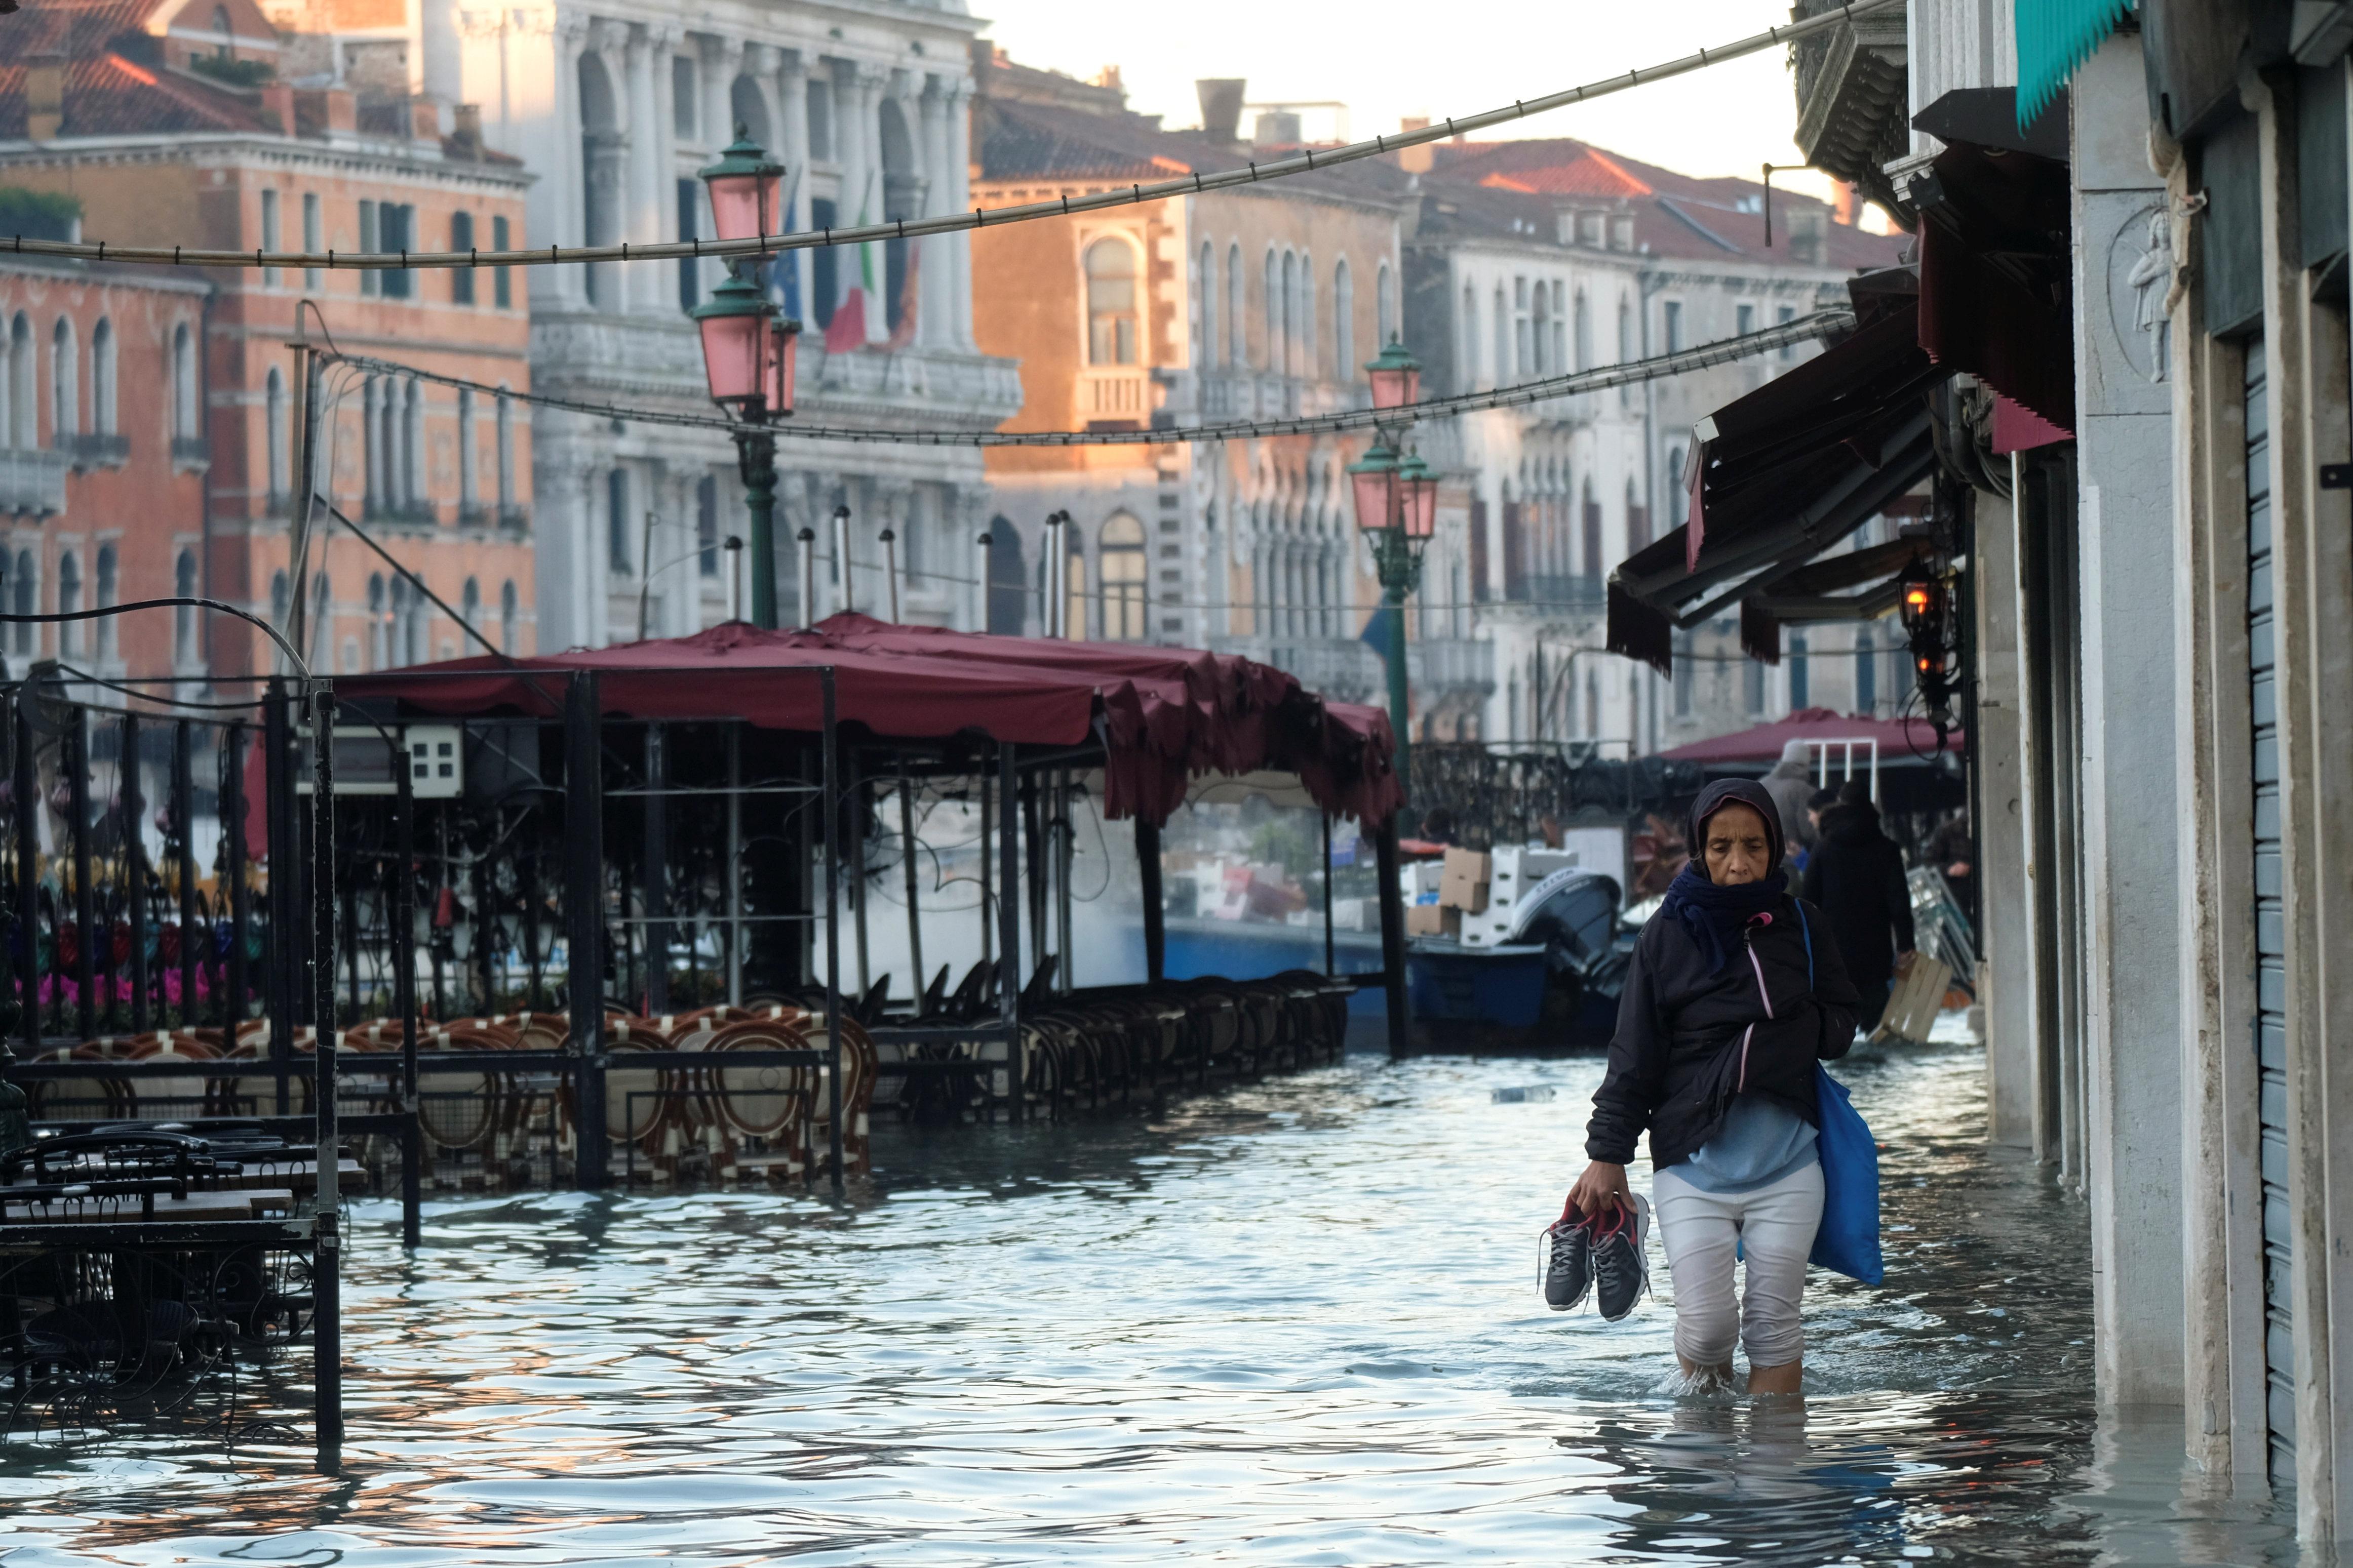 Una mujer camina por una calle inundada (REUTERS/Manuel Silvestri)